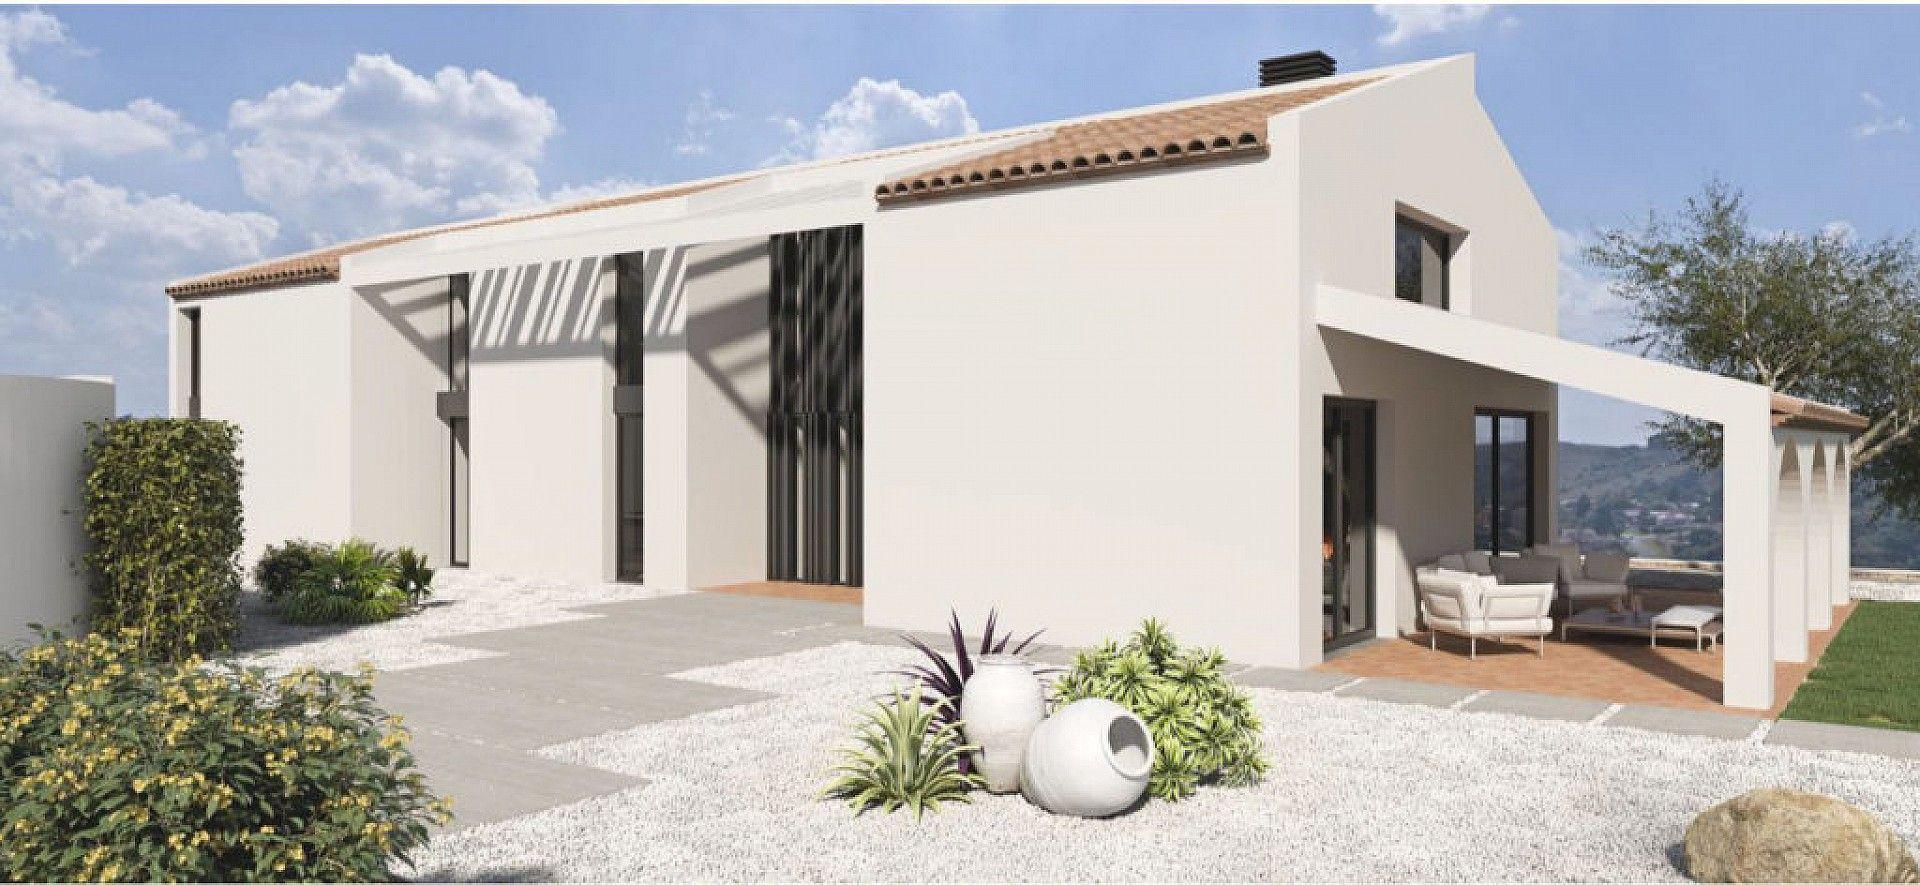 w_te-koop-huis-project-moraira-teulada-costa-blanca-nf2028-012-3.jpg